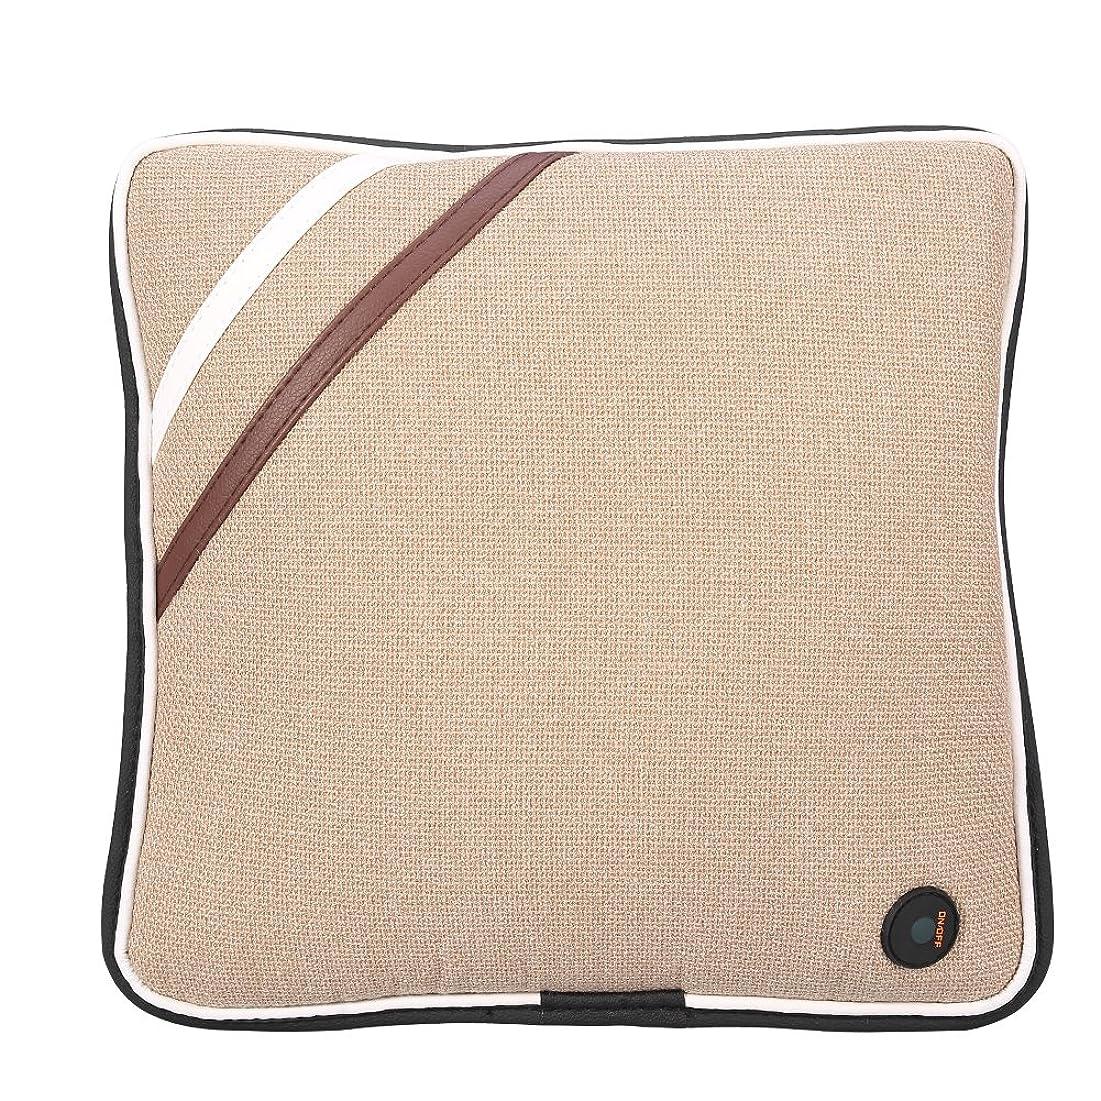 楽観レタッチガス電気マッサージの枕、旅行車の家、セリウム/FDA/RoHS/LVDの証明のためのUSBの再充電可能で柔らかい綿の首の背部クッションのマッサージャー(Linen Beige)